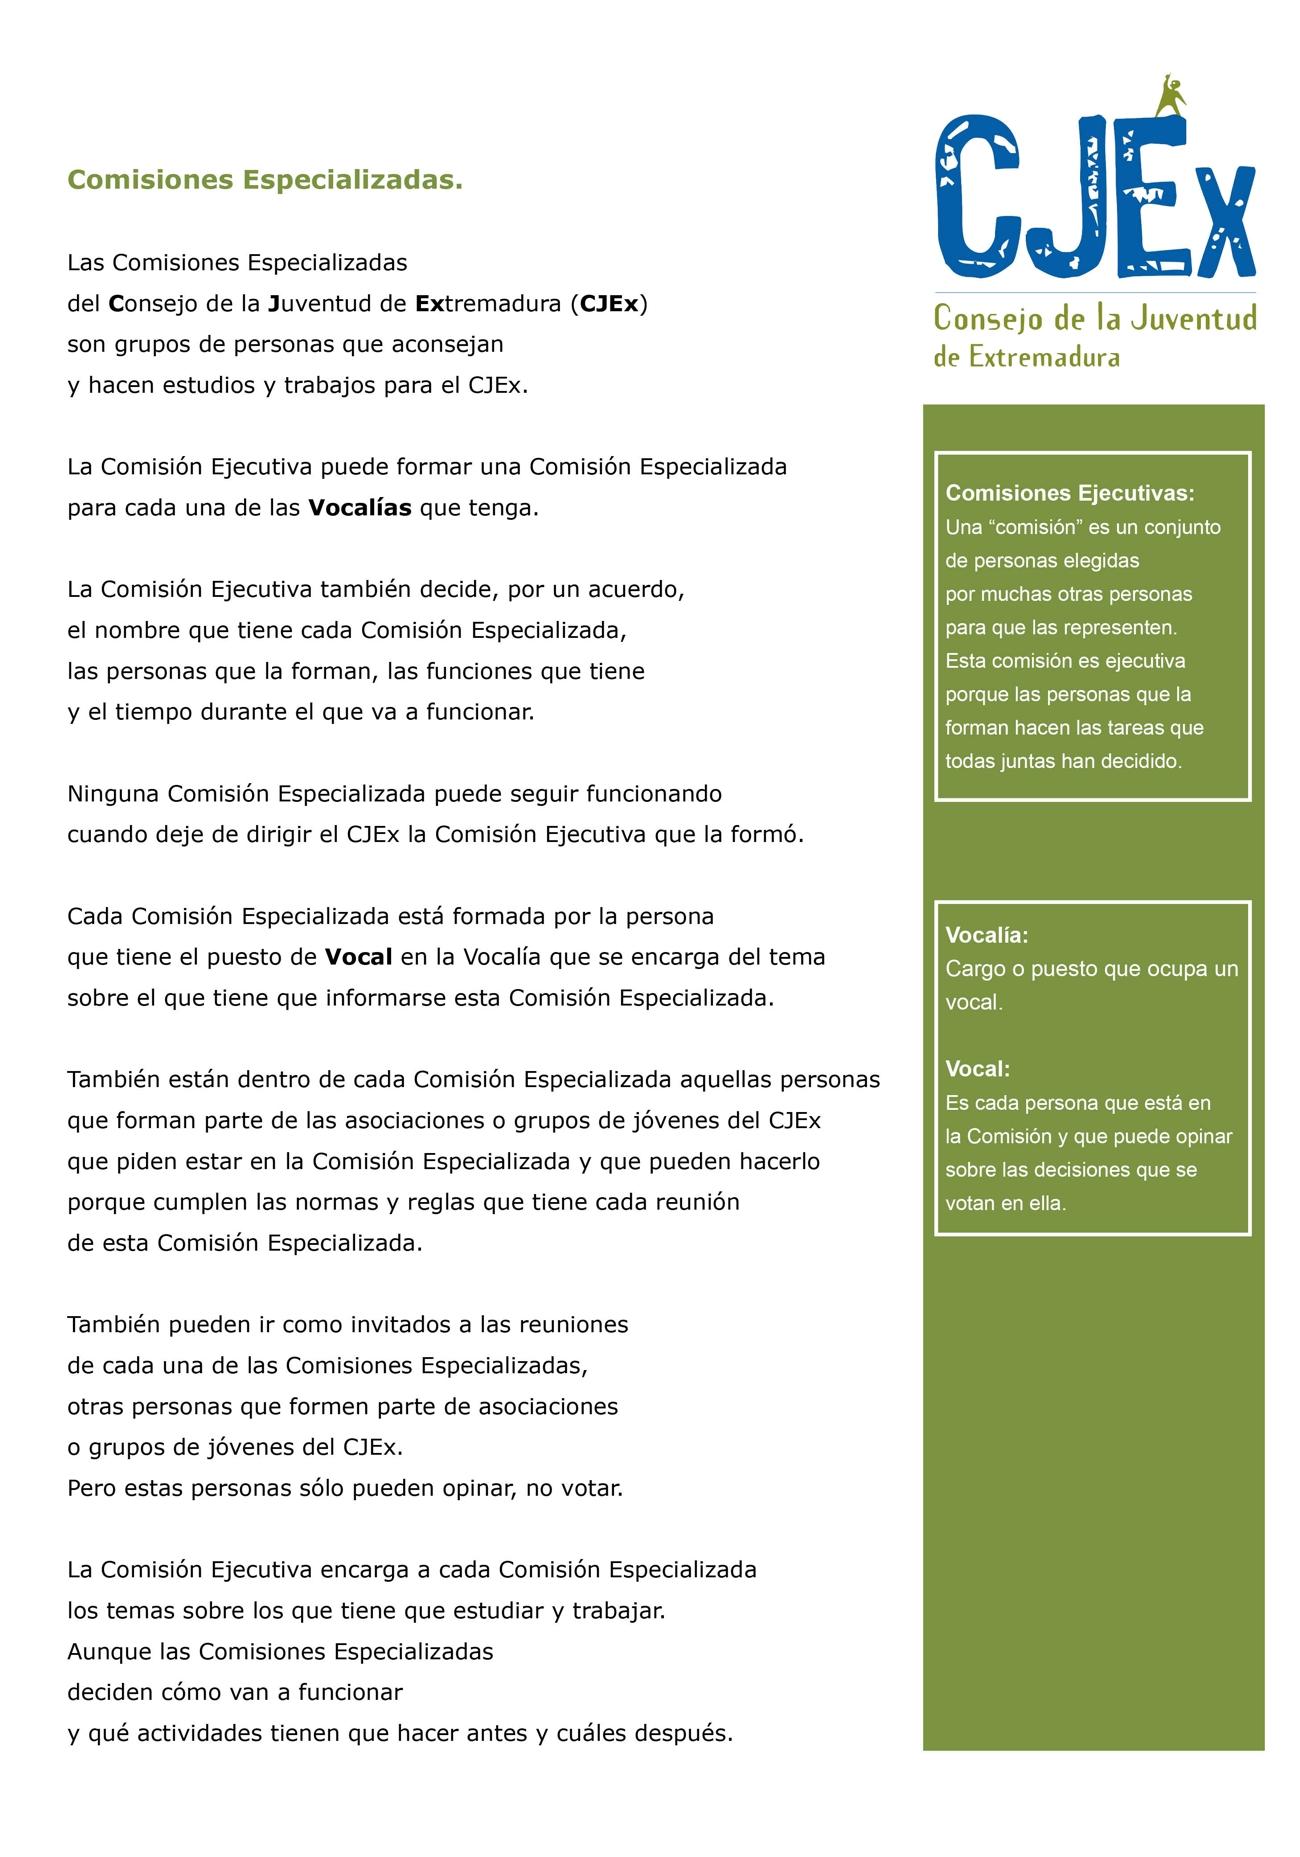 comisiones__especializadas_def_cjex_lf